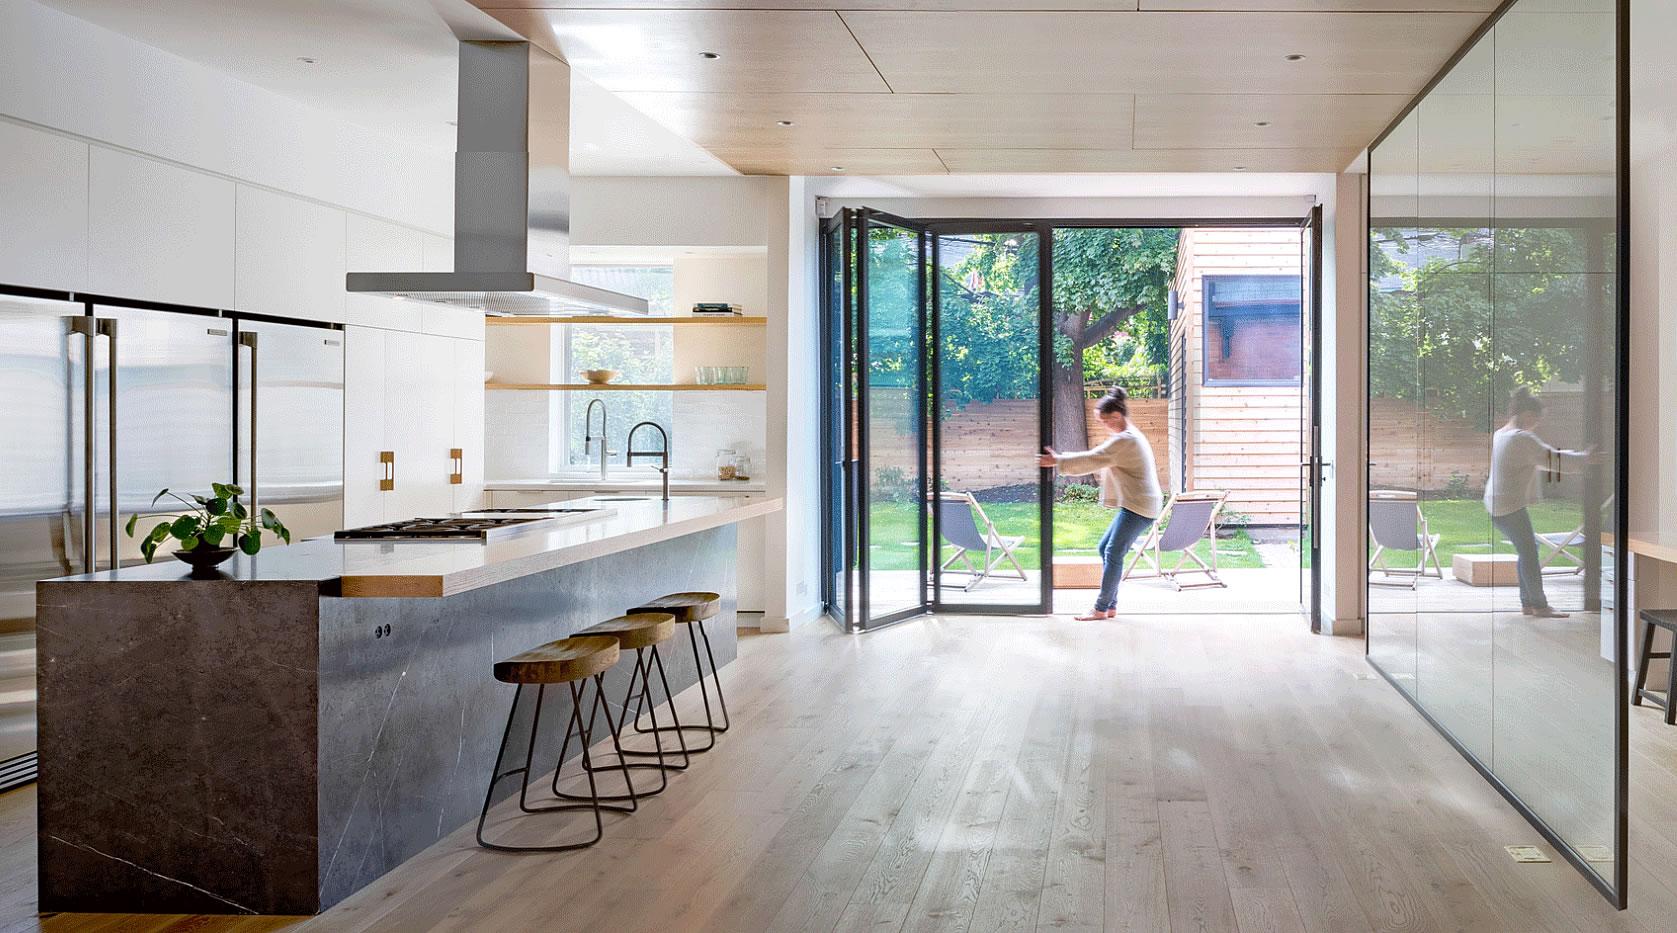 Къща в Торонто е обновена с дървено стълбище и иновативни спални